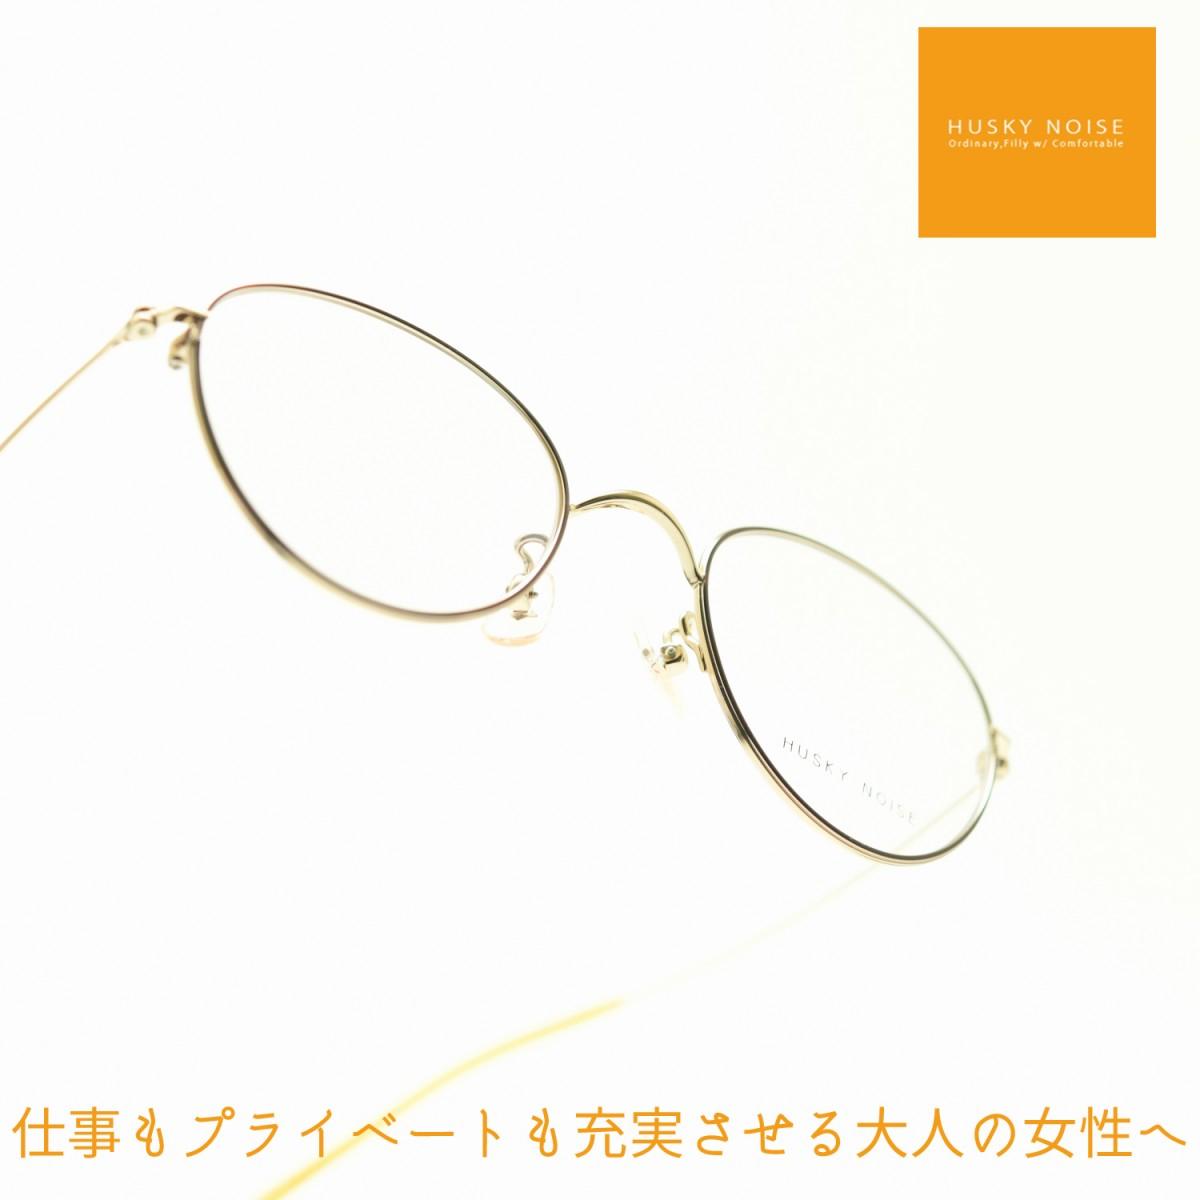 HUSKY NOISE ハスキーノイズH-187 col-3メガネ 眼鏡 めがね メンズ レディース おしゃれ ブランド 人気 おすすめ フレーム 流行り 度付き レンズ